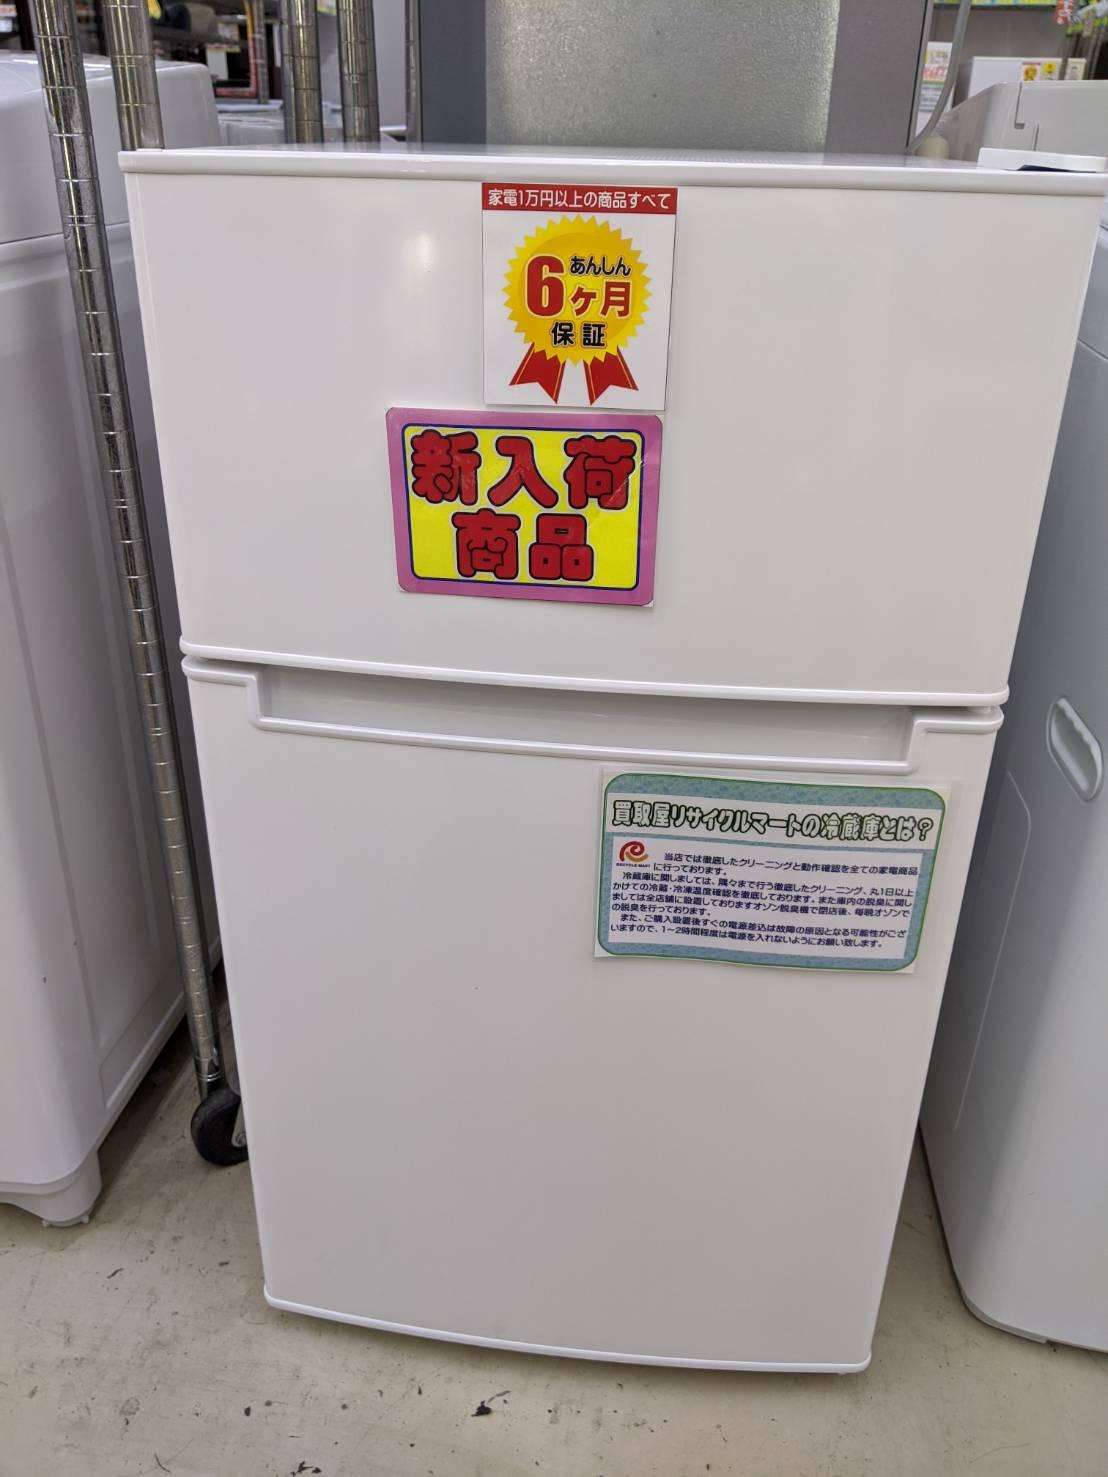 オシャレな冷蔵庫です!!【TAGlabel/タグレーベル 85L冷蔵庫 2019年式 AT-RF85B】を買取致しました。の買取-